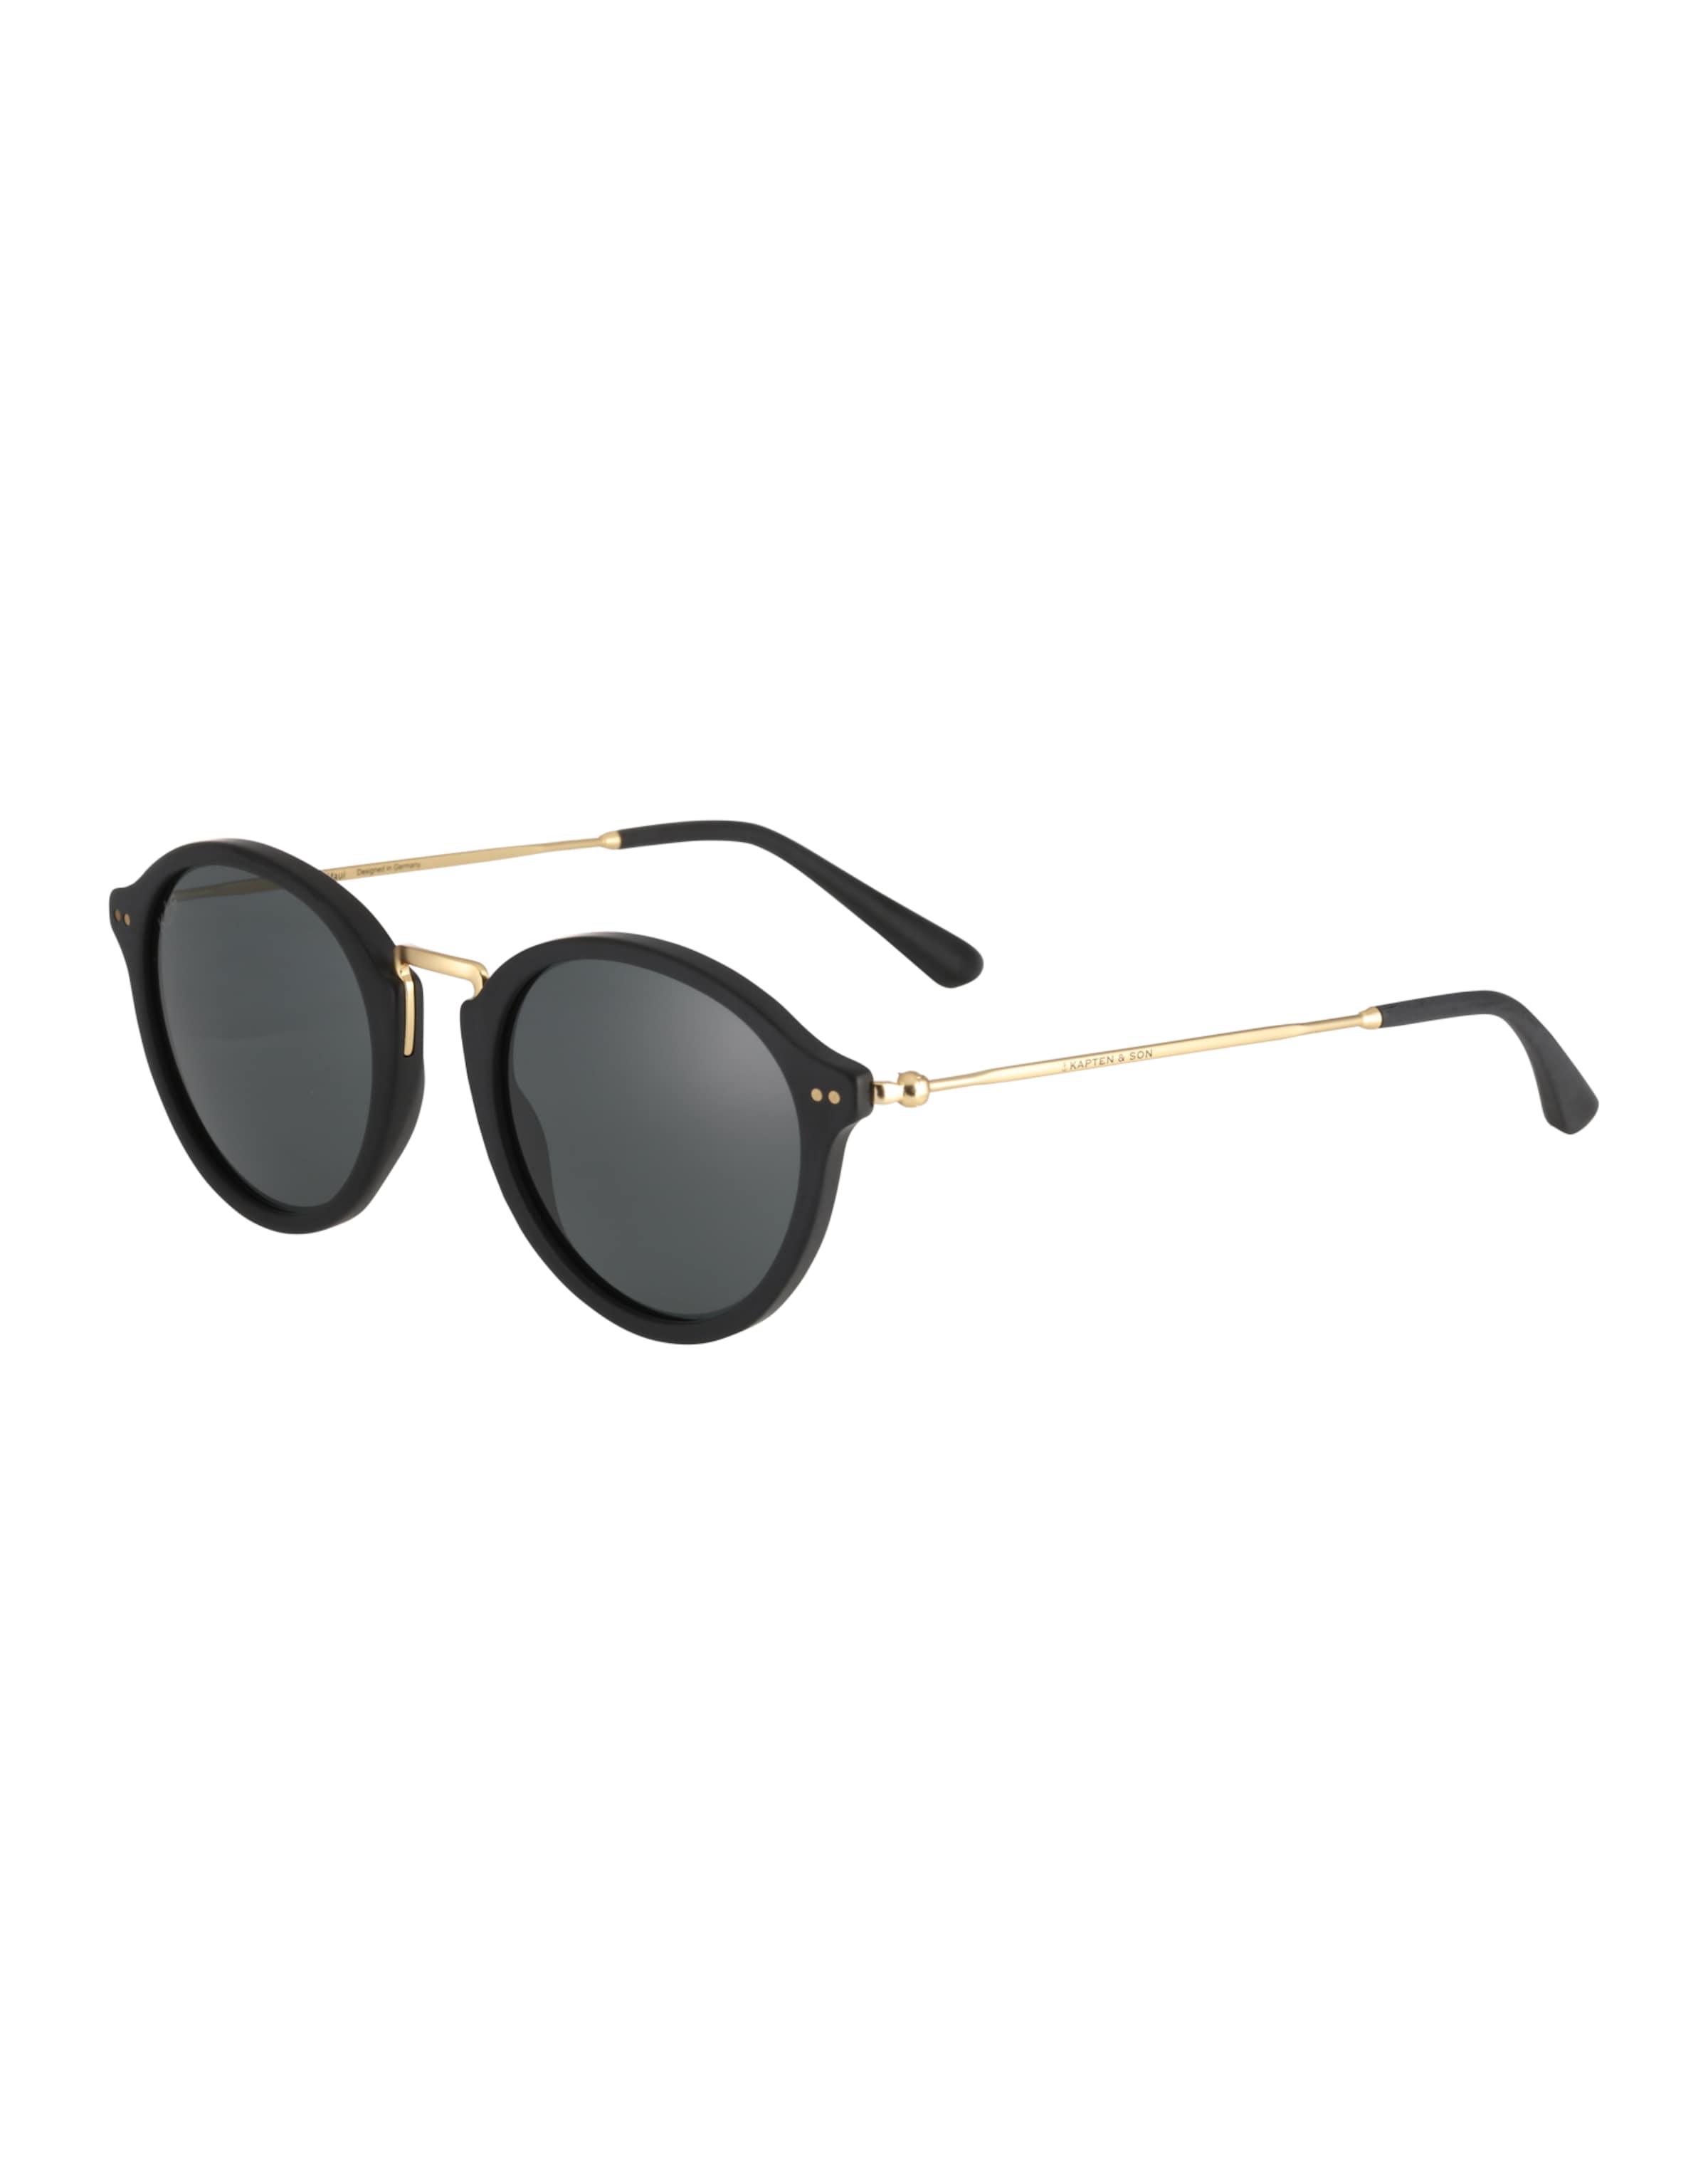 Kapten & Son Sonnenbrille 'Maui' Verkauf Angebote Begrenzt RY4sv4hNmk